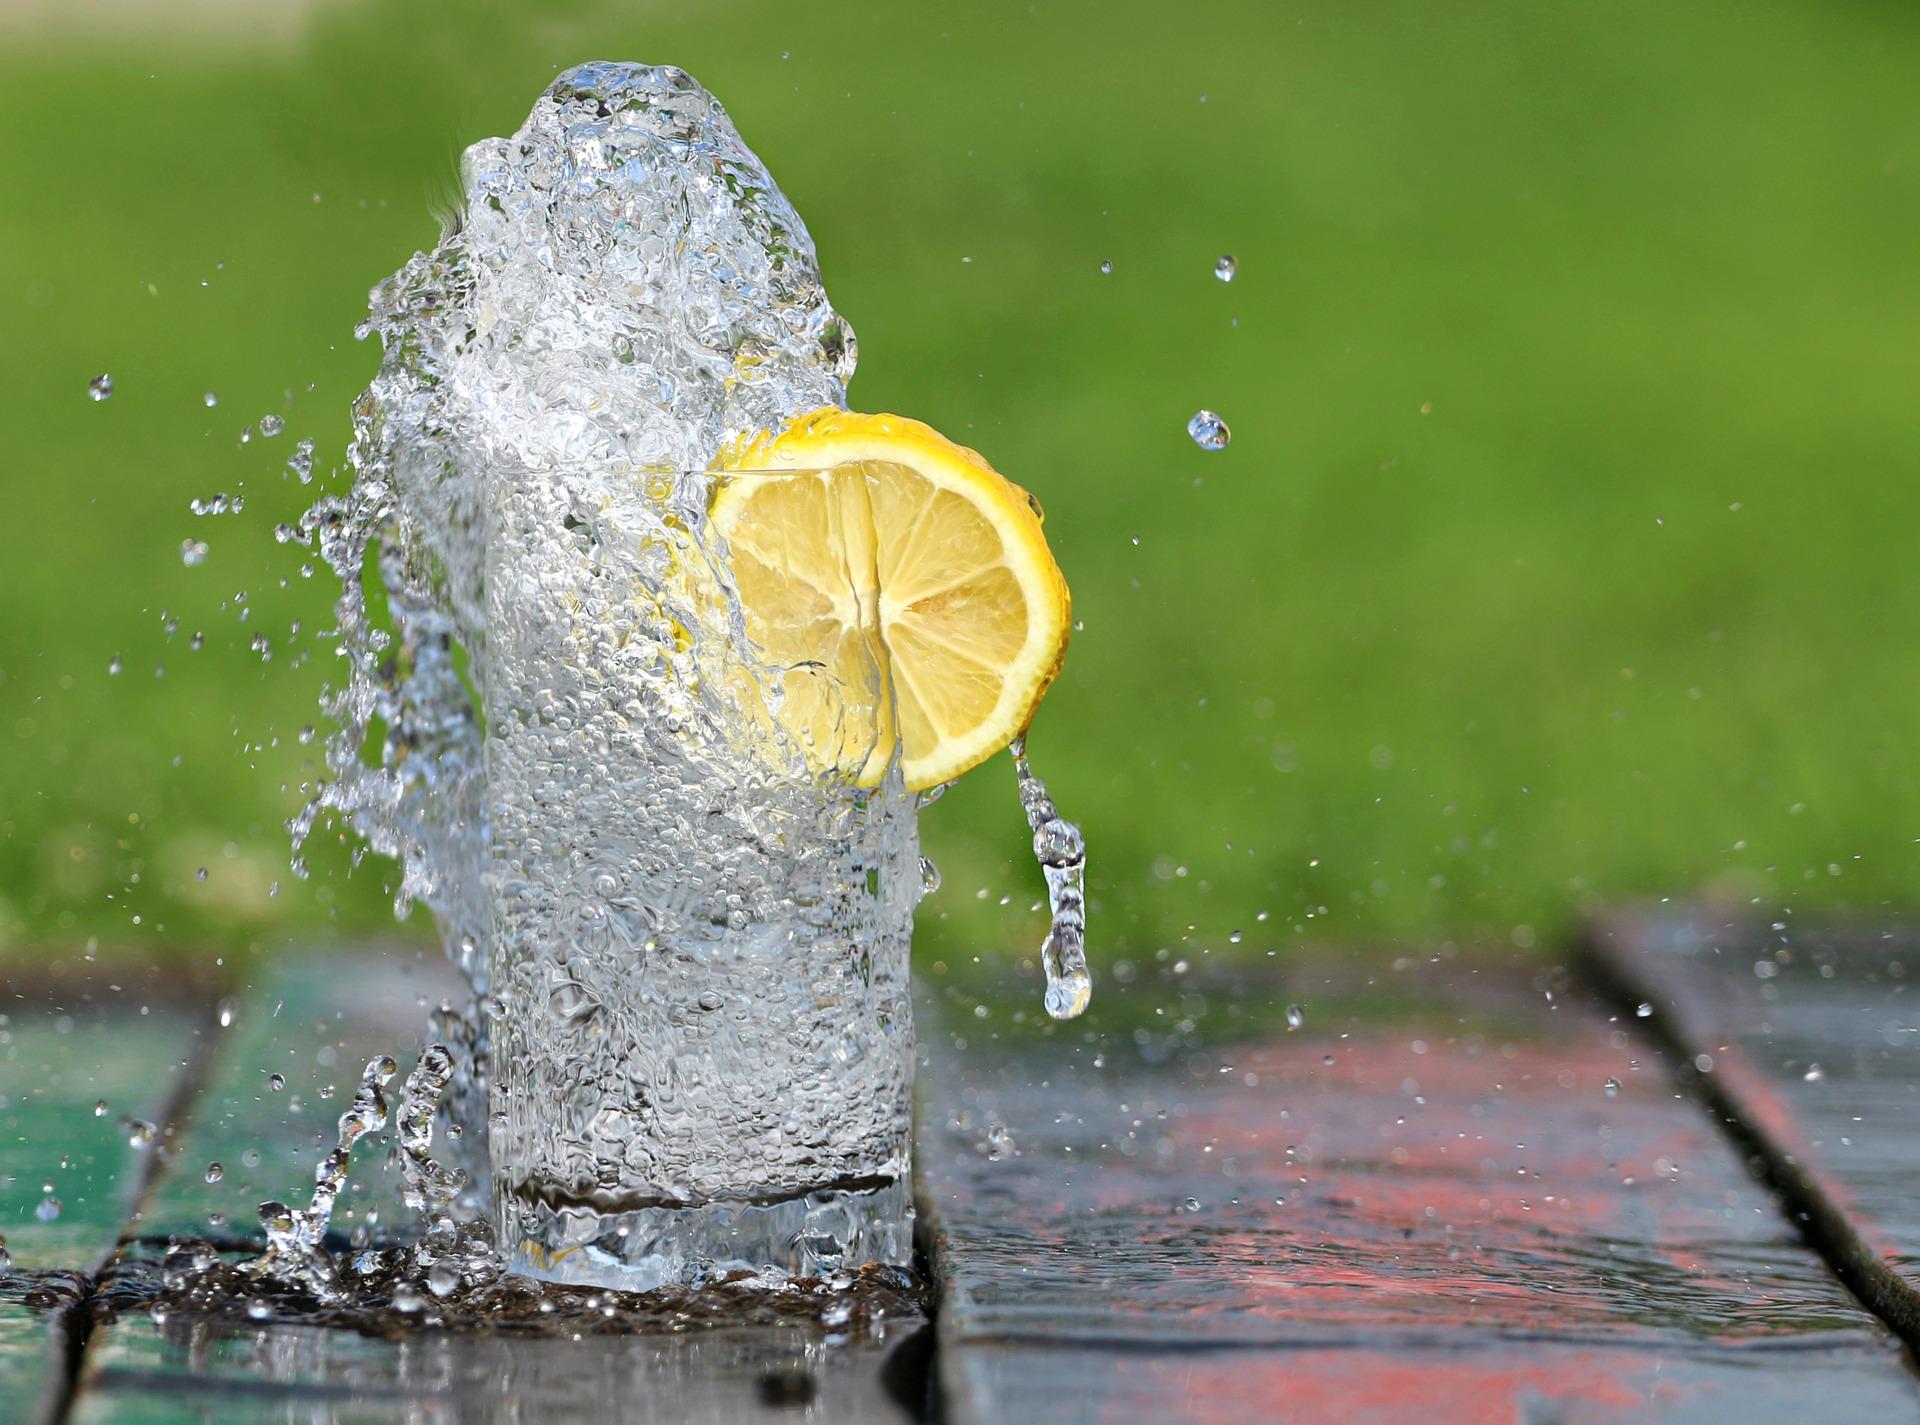 splashing cup of water